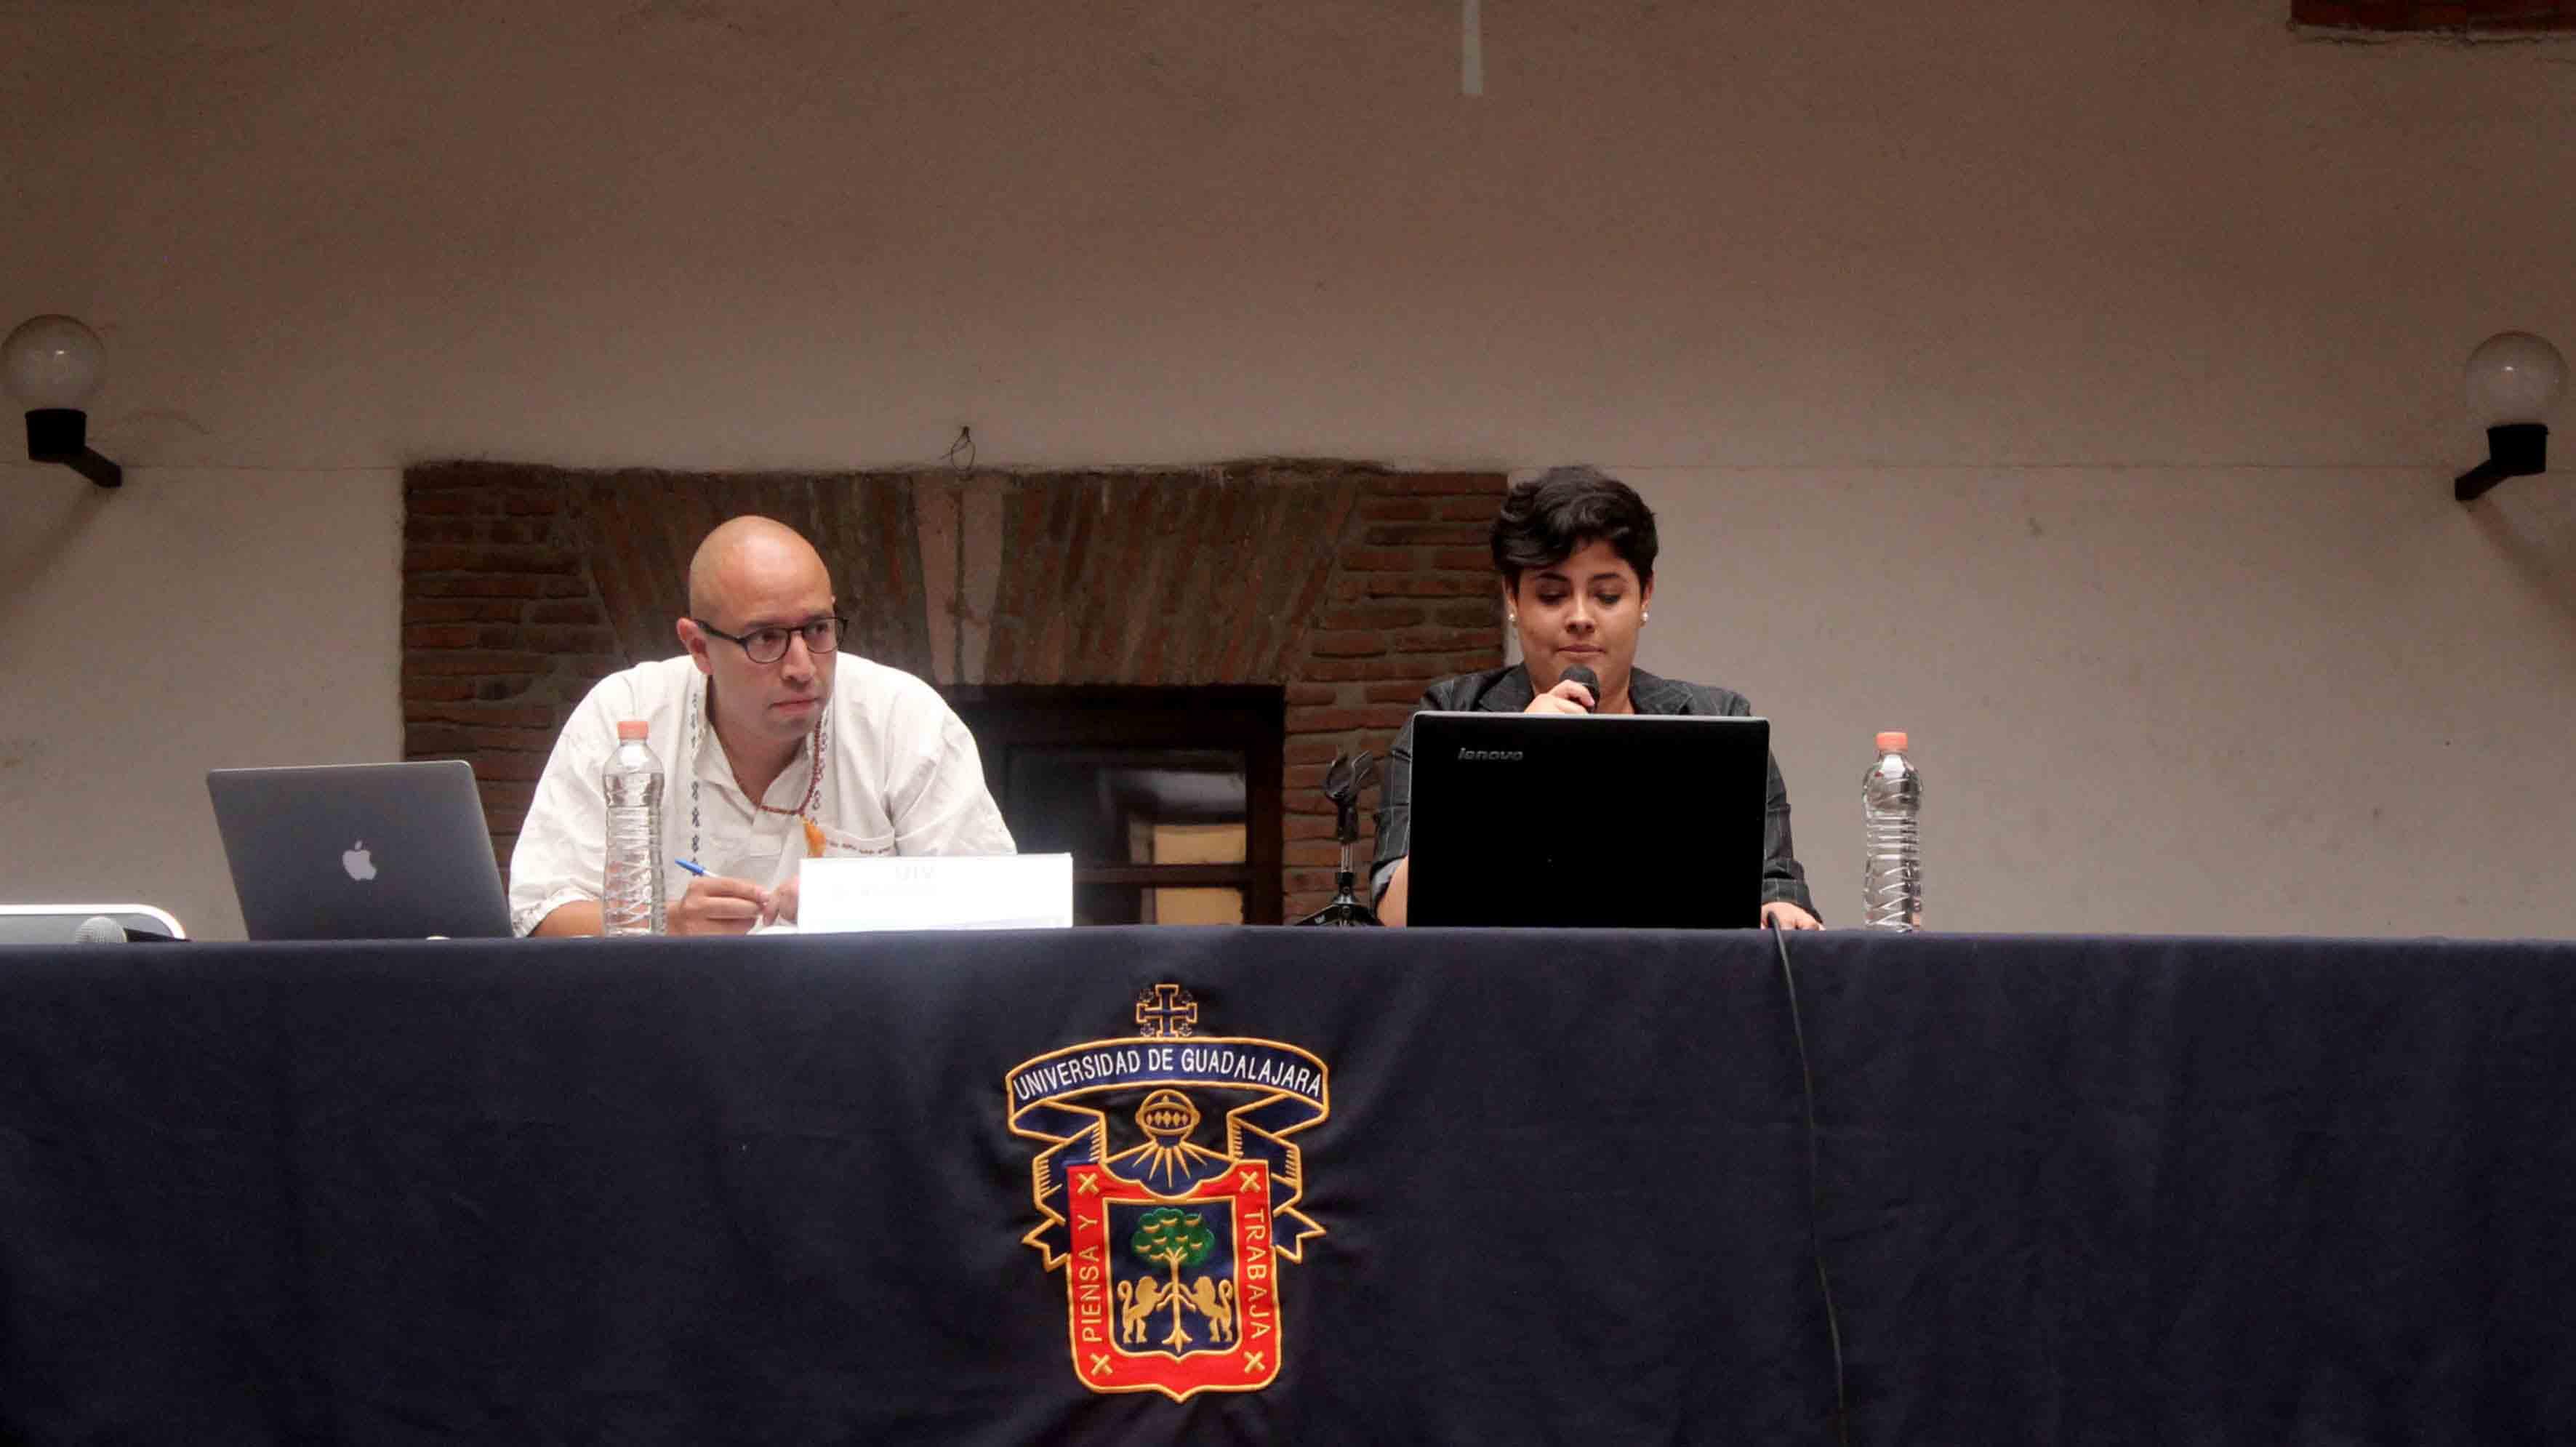 """Doctor Alejandro Vélez Salas, profesor visitante del Instituto Tecnológico Autónomo de México (ITAM), presentando su libro """"Narrativas interdisciplinarias""""."""